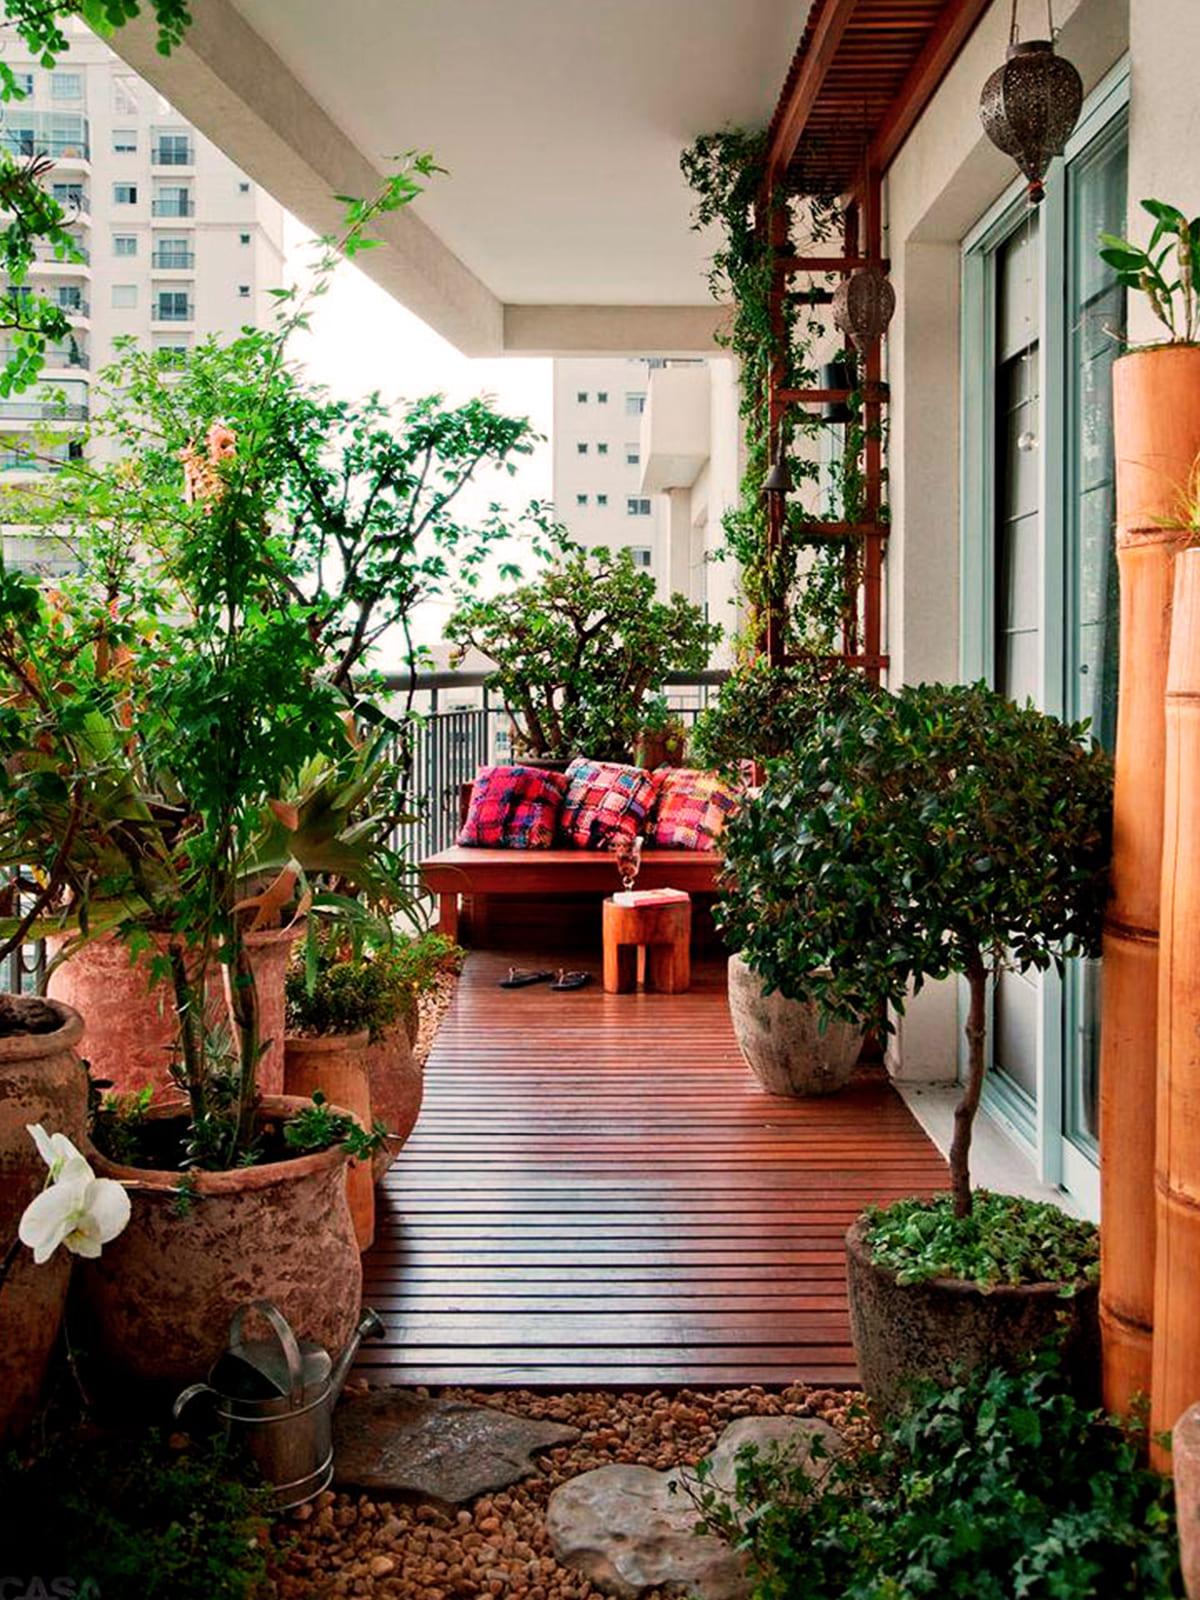 blog-vegetacion-decoracion-terrazas-balcones-12_HIDROJARDIN-Bañeres